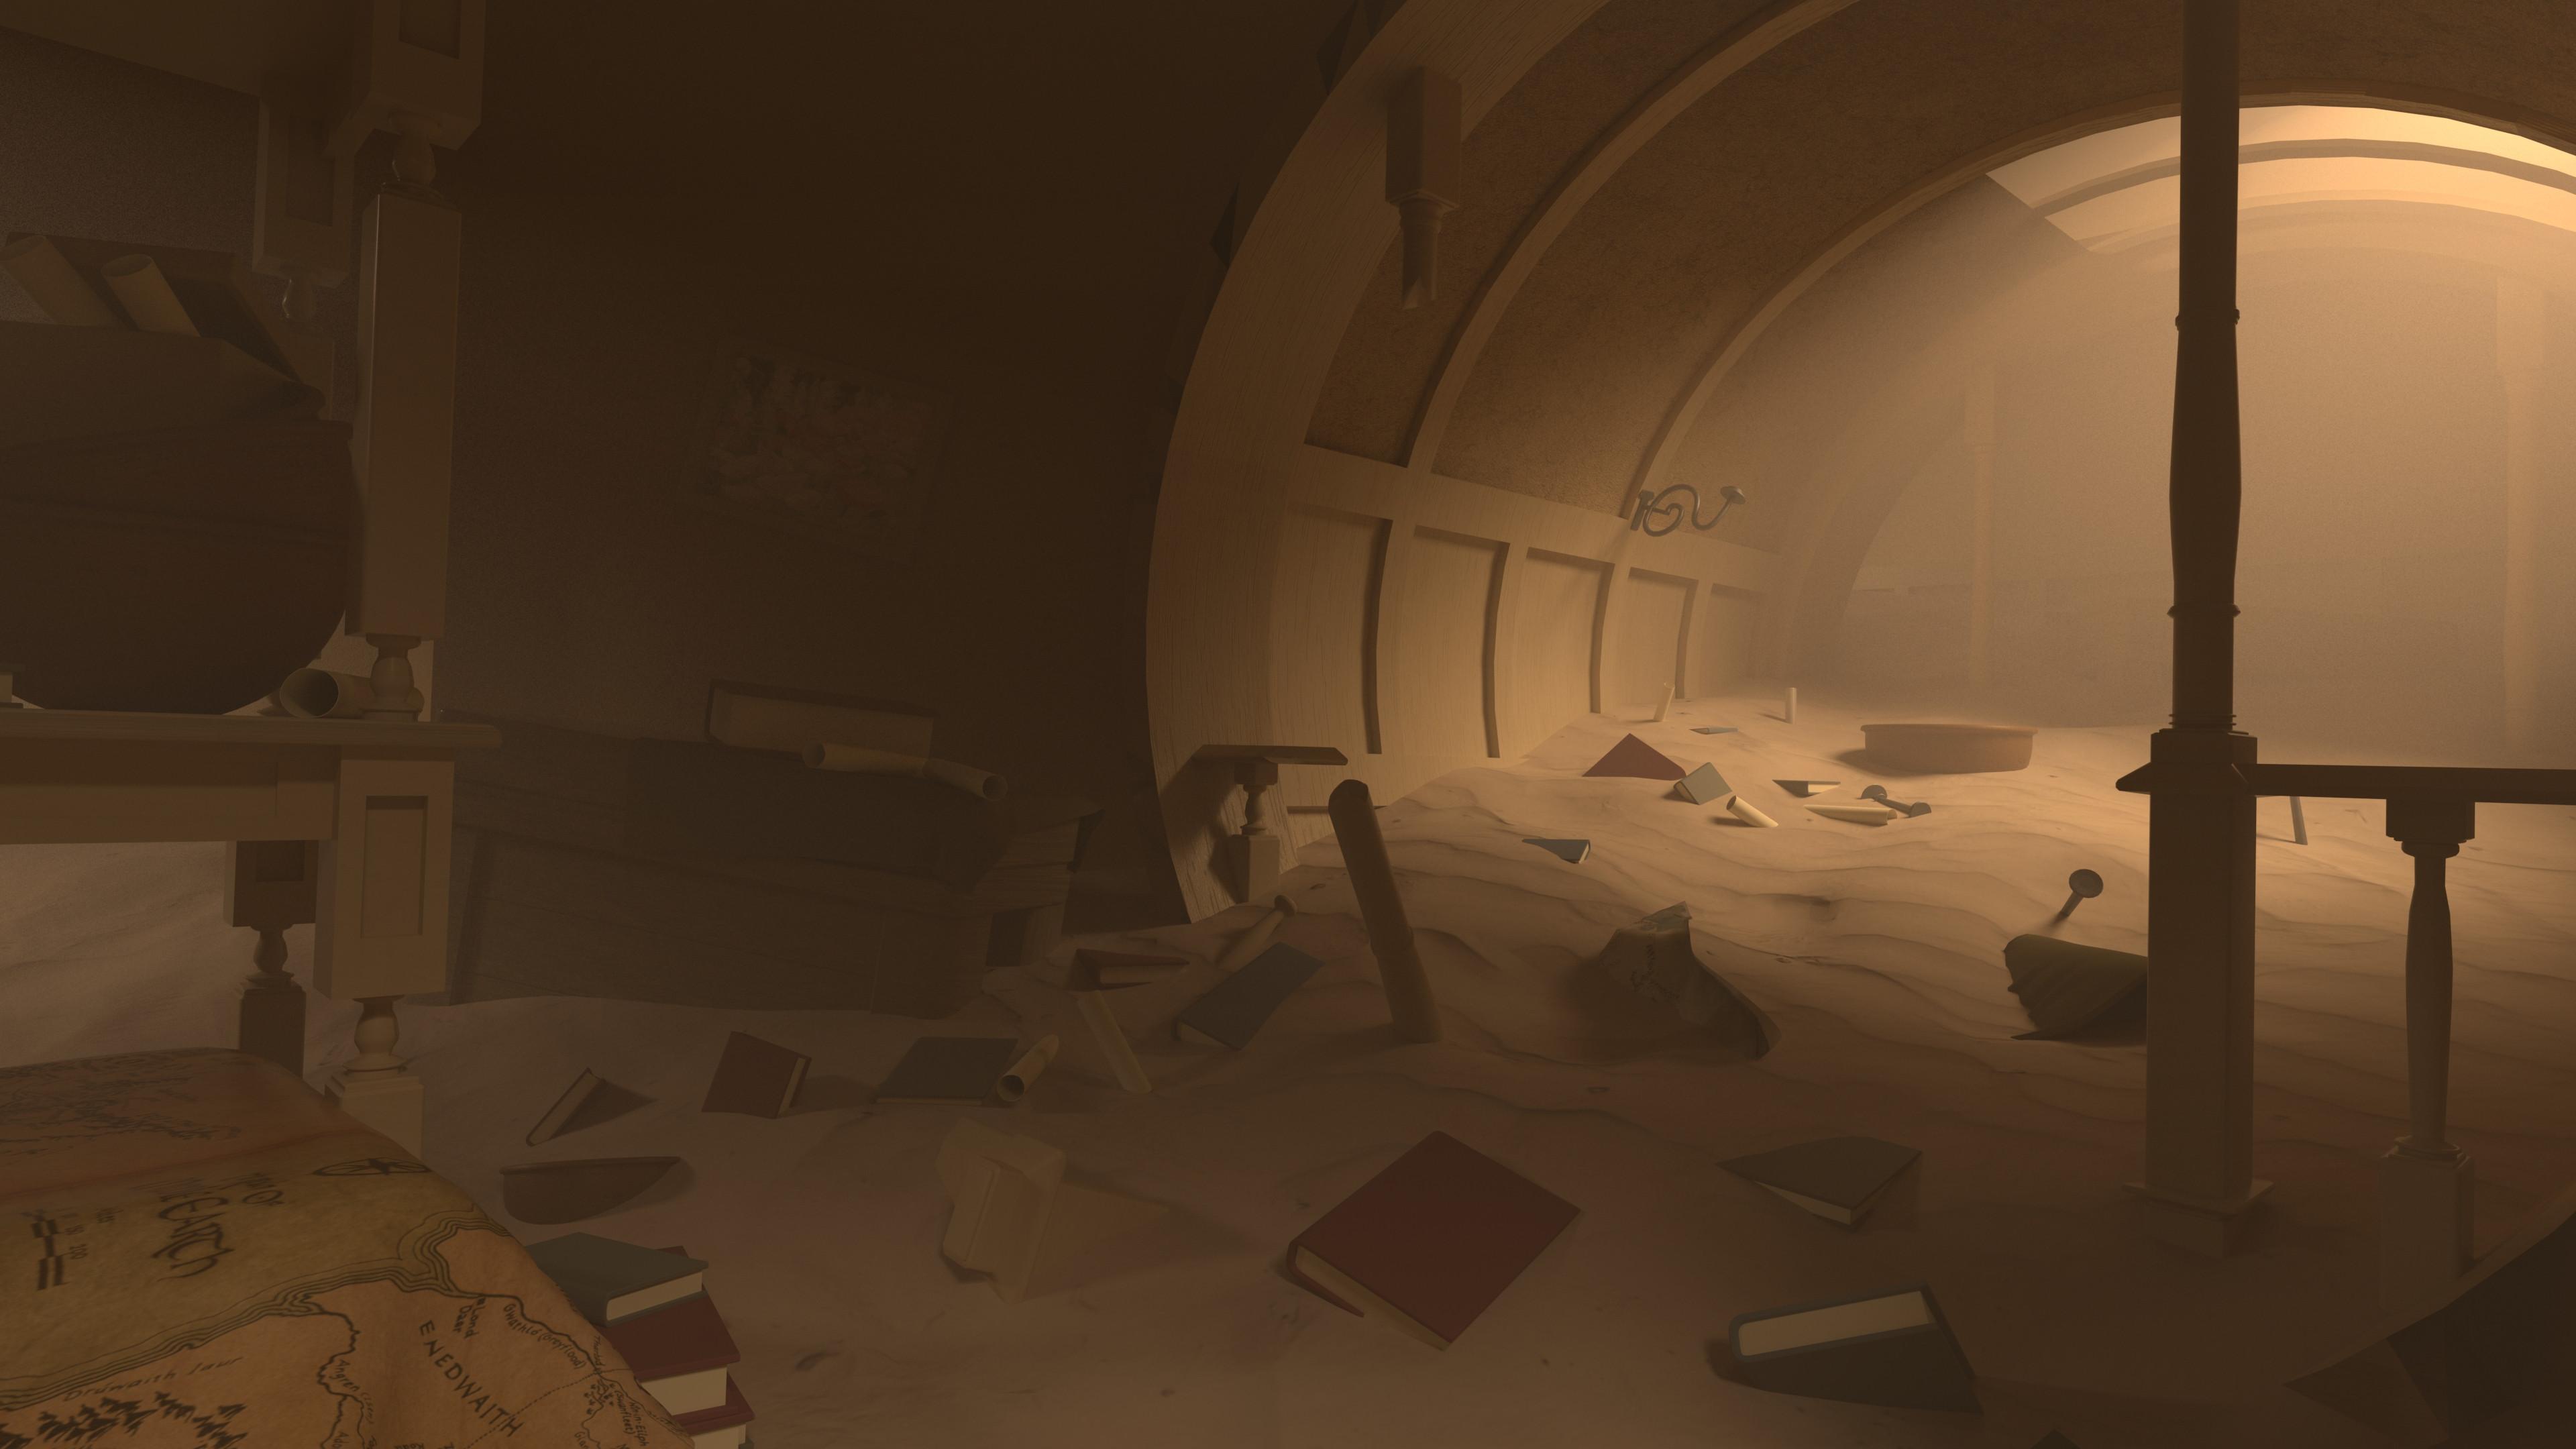 Here is an alternate lighting setup for the sandstorm version of bag end